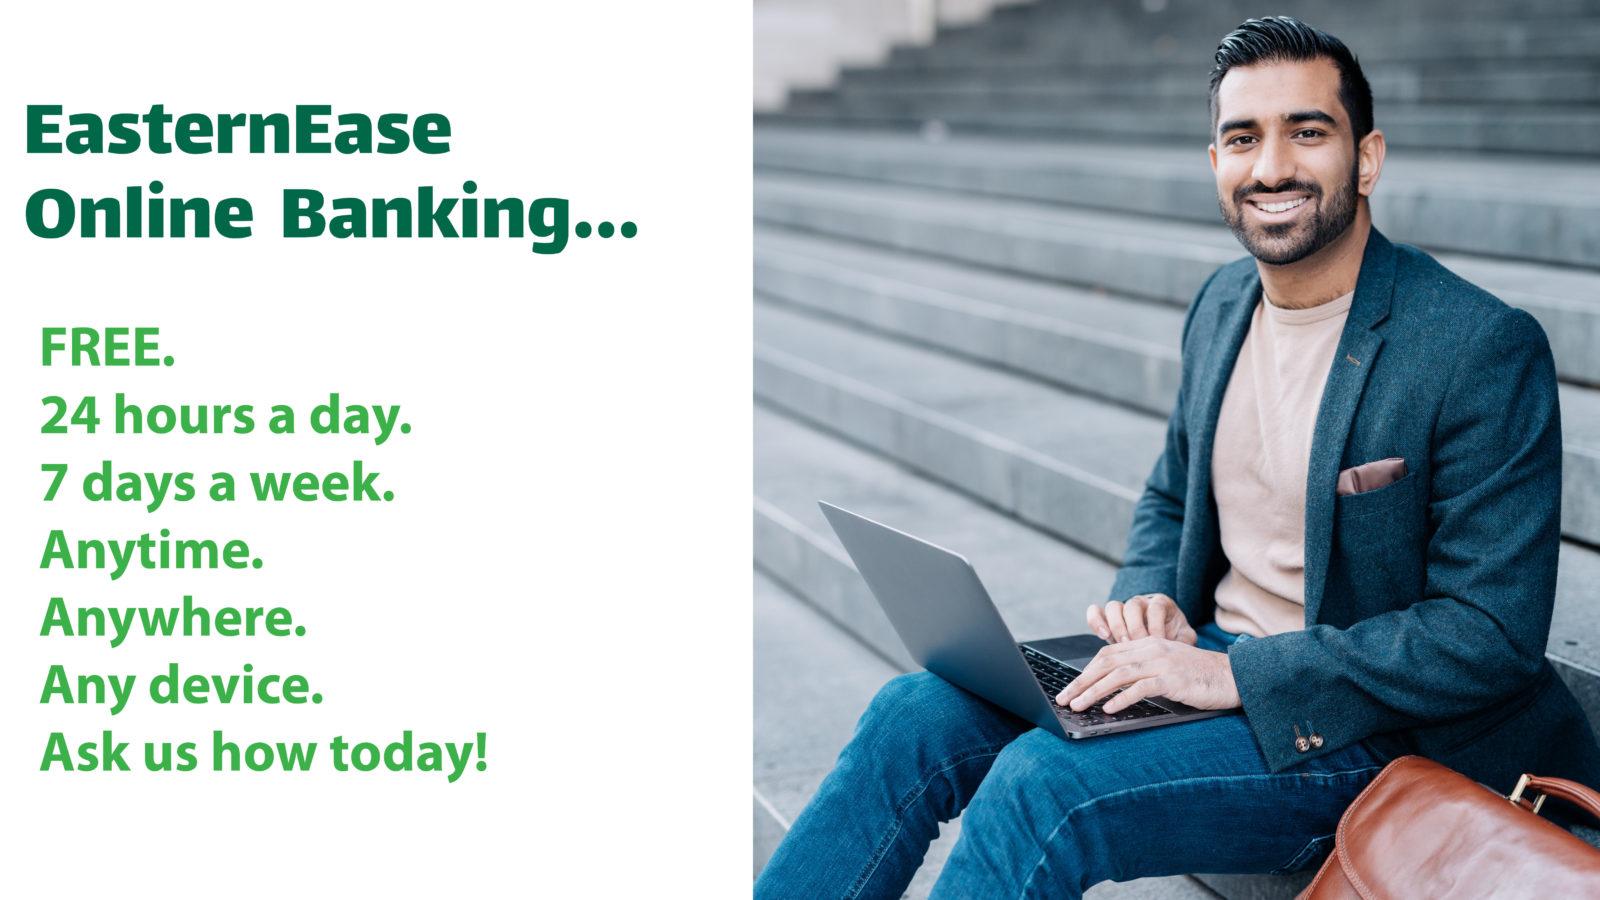 EasternEase Online Eastern Savings Bank Maryland